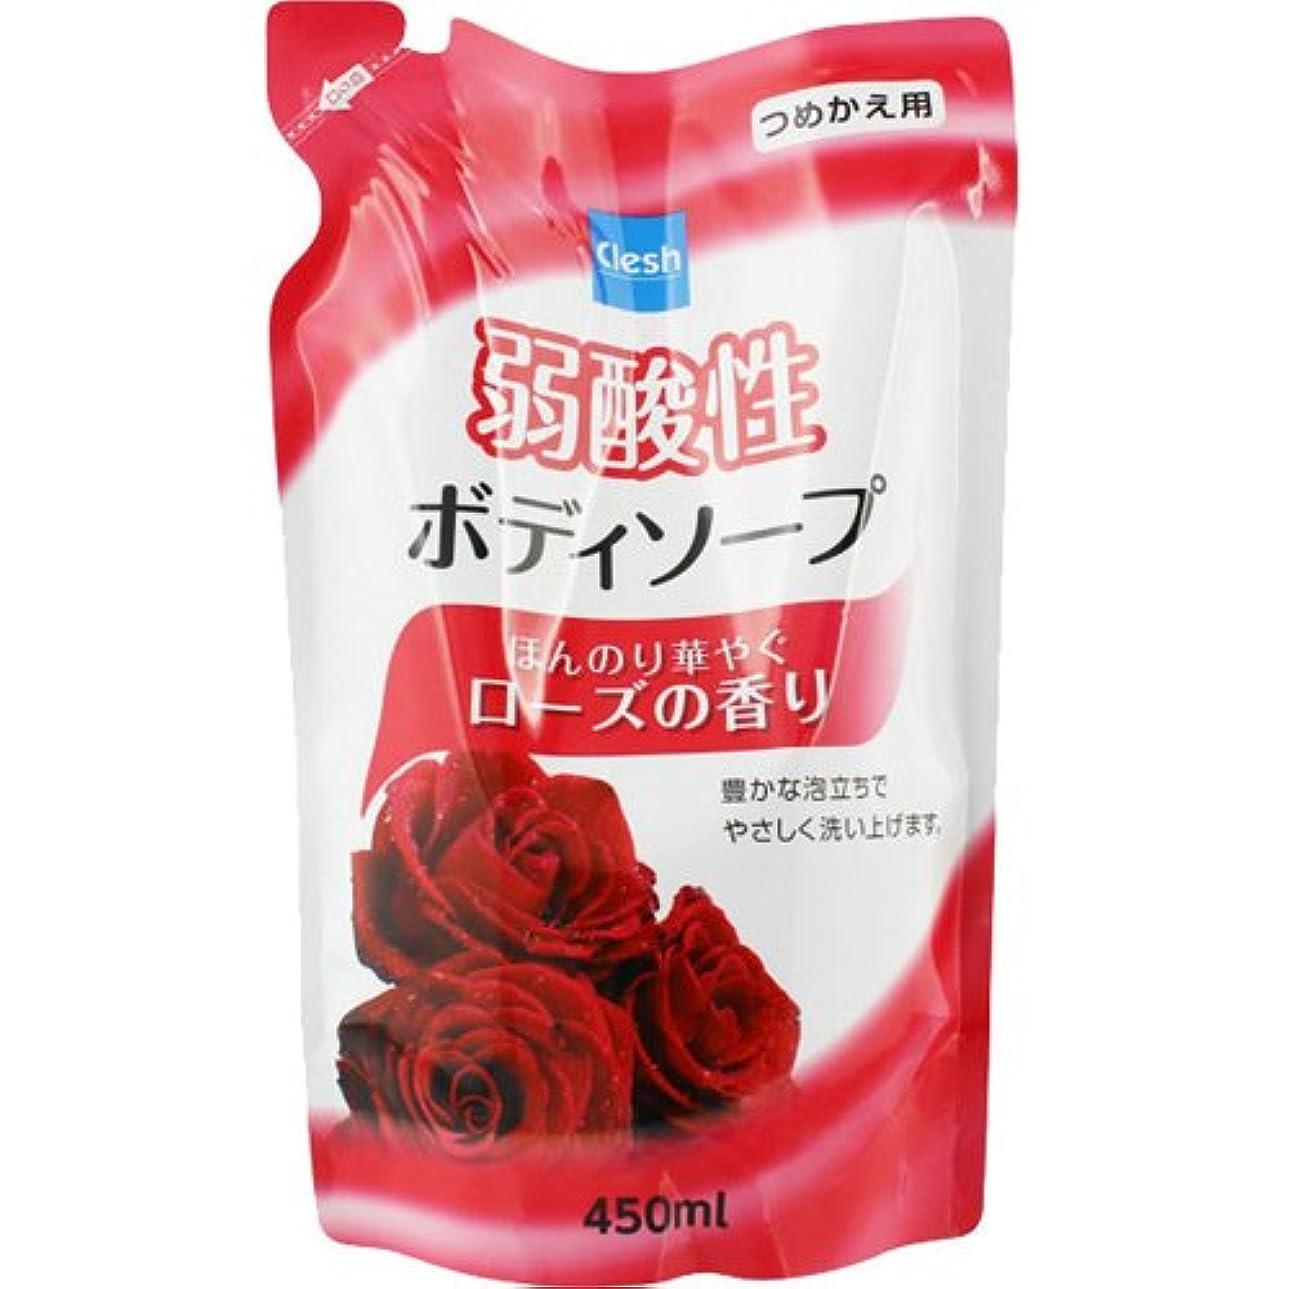 スキャンダラスブレス桁Clesh(クレシュ) 弱酸性ボディソープ ローズの香り つめかえ用 450ml